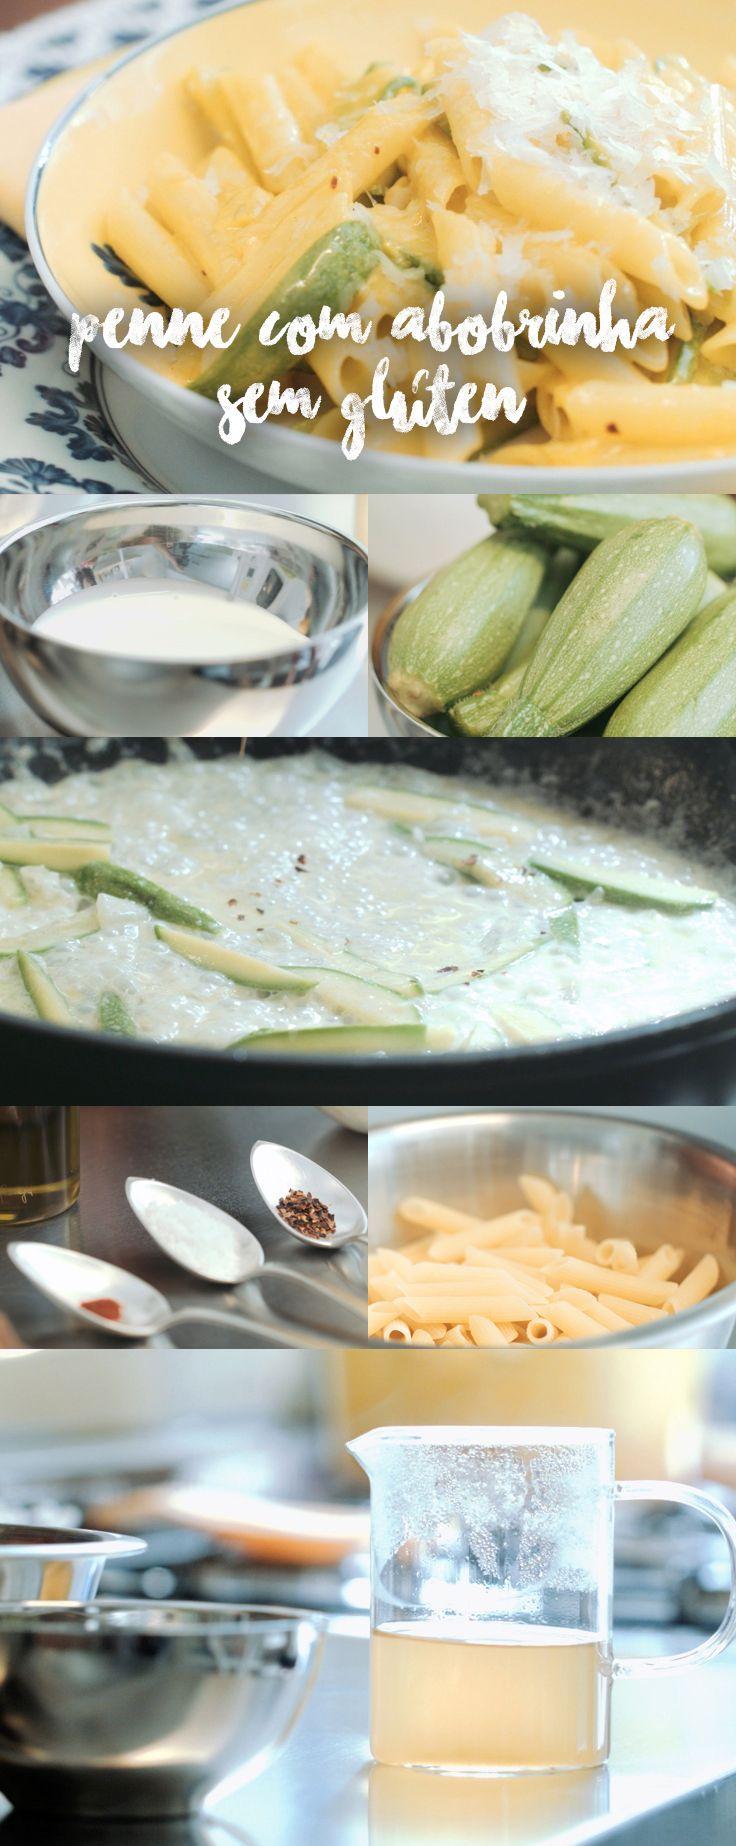 Prove essa deliciosa receita que além de não conter glúten, não contém lactose. Para mais detalhes: www.myyellowpages.com.br